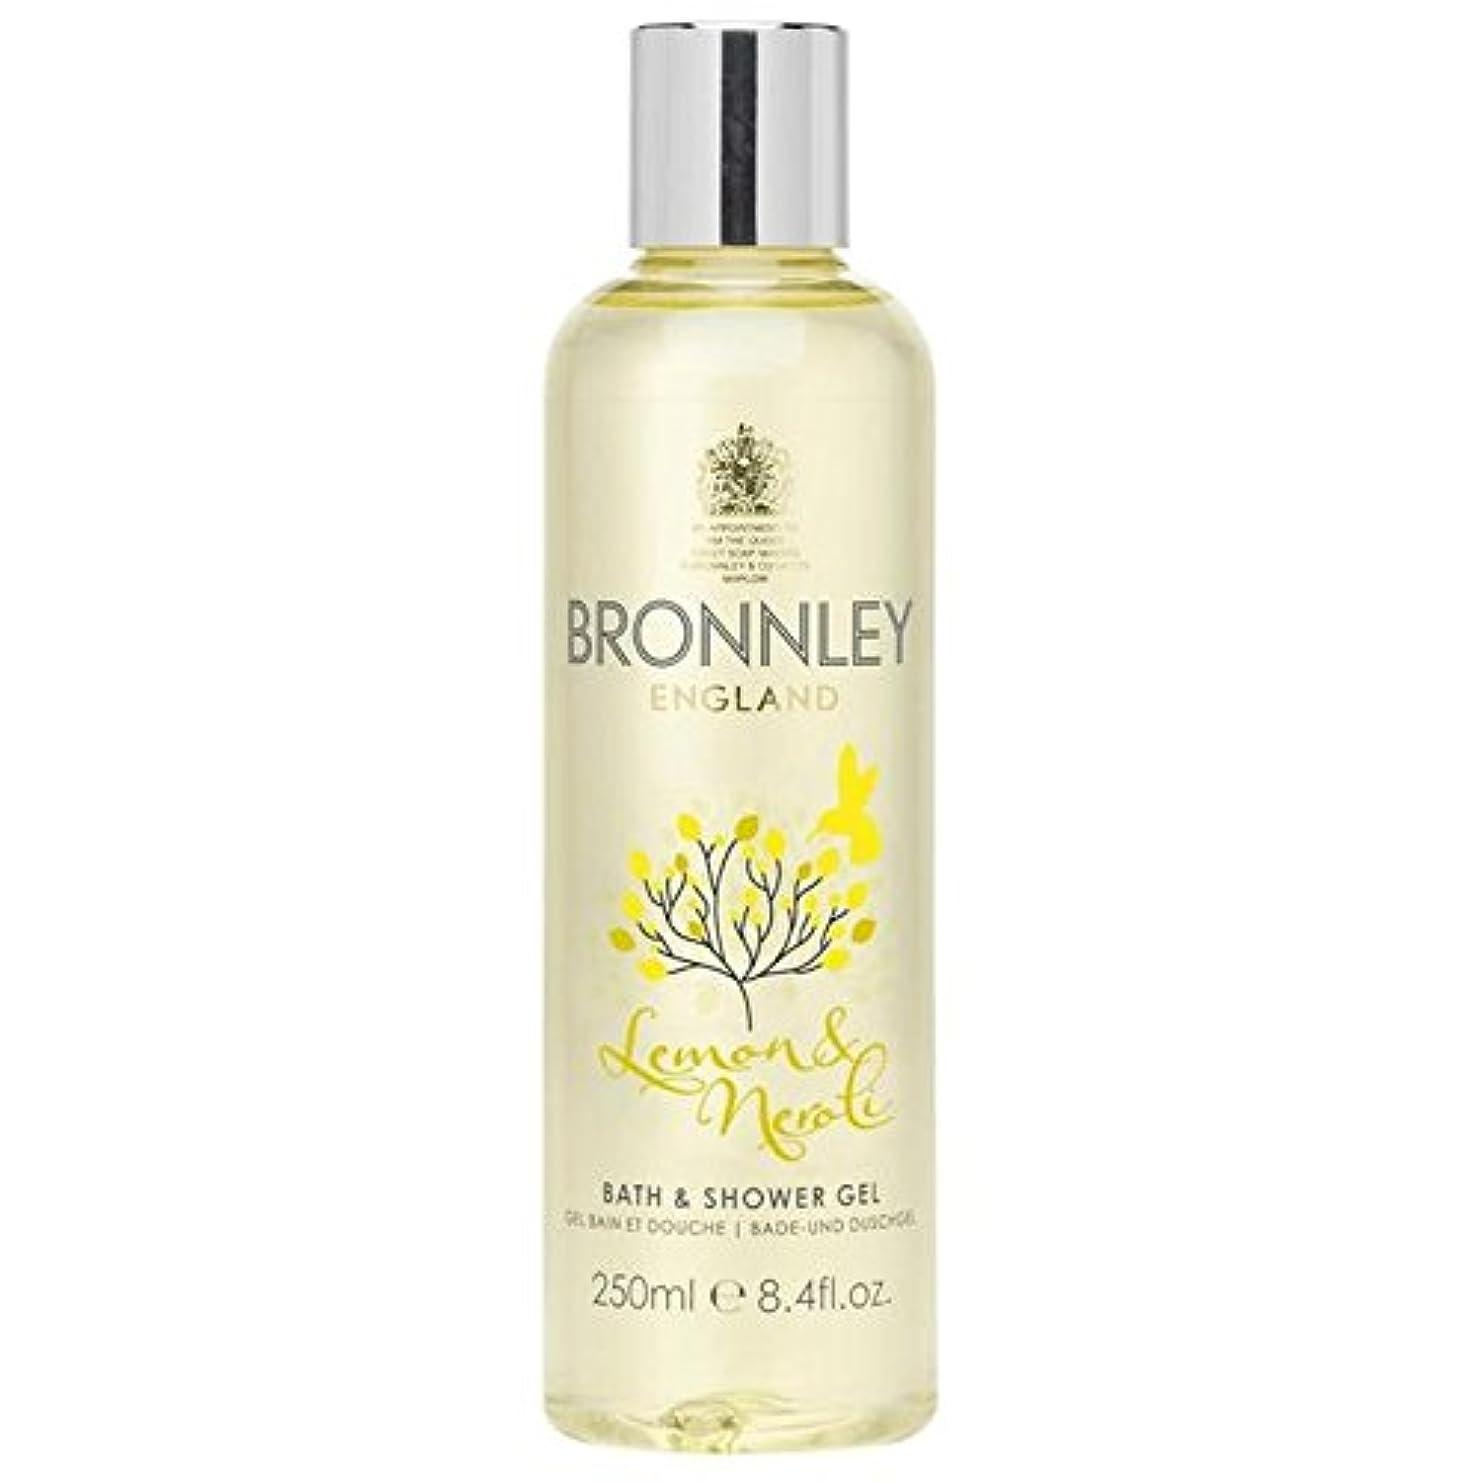 予測調整可能累積Bronnley Lemon & Neroli Bath & Shower Gel 250ml (Pack of 6) - レモン&ネロリバス&シャワージェル250ミリリットル x6 [並行輸入品]